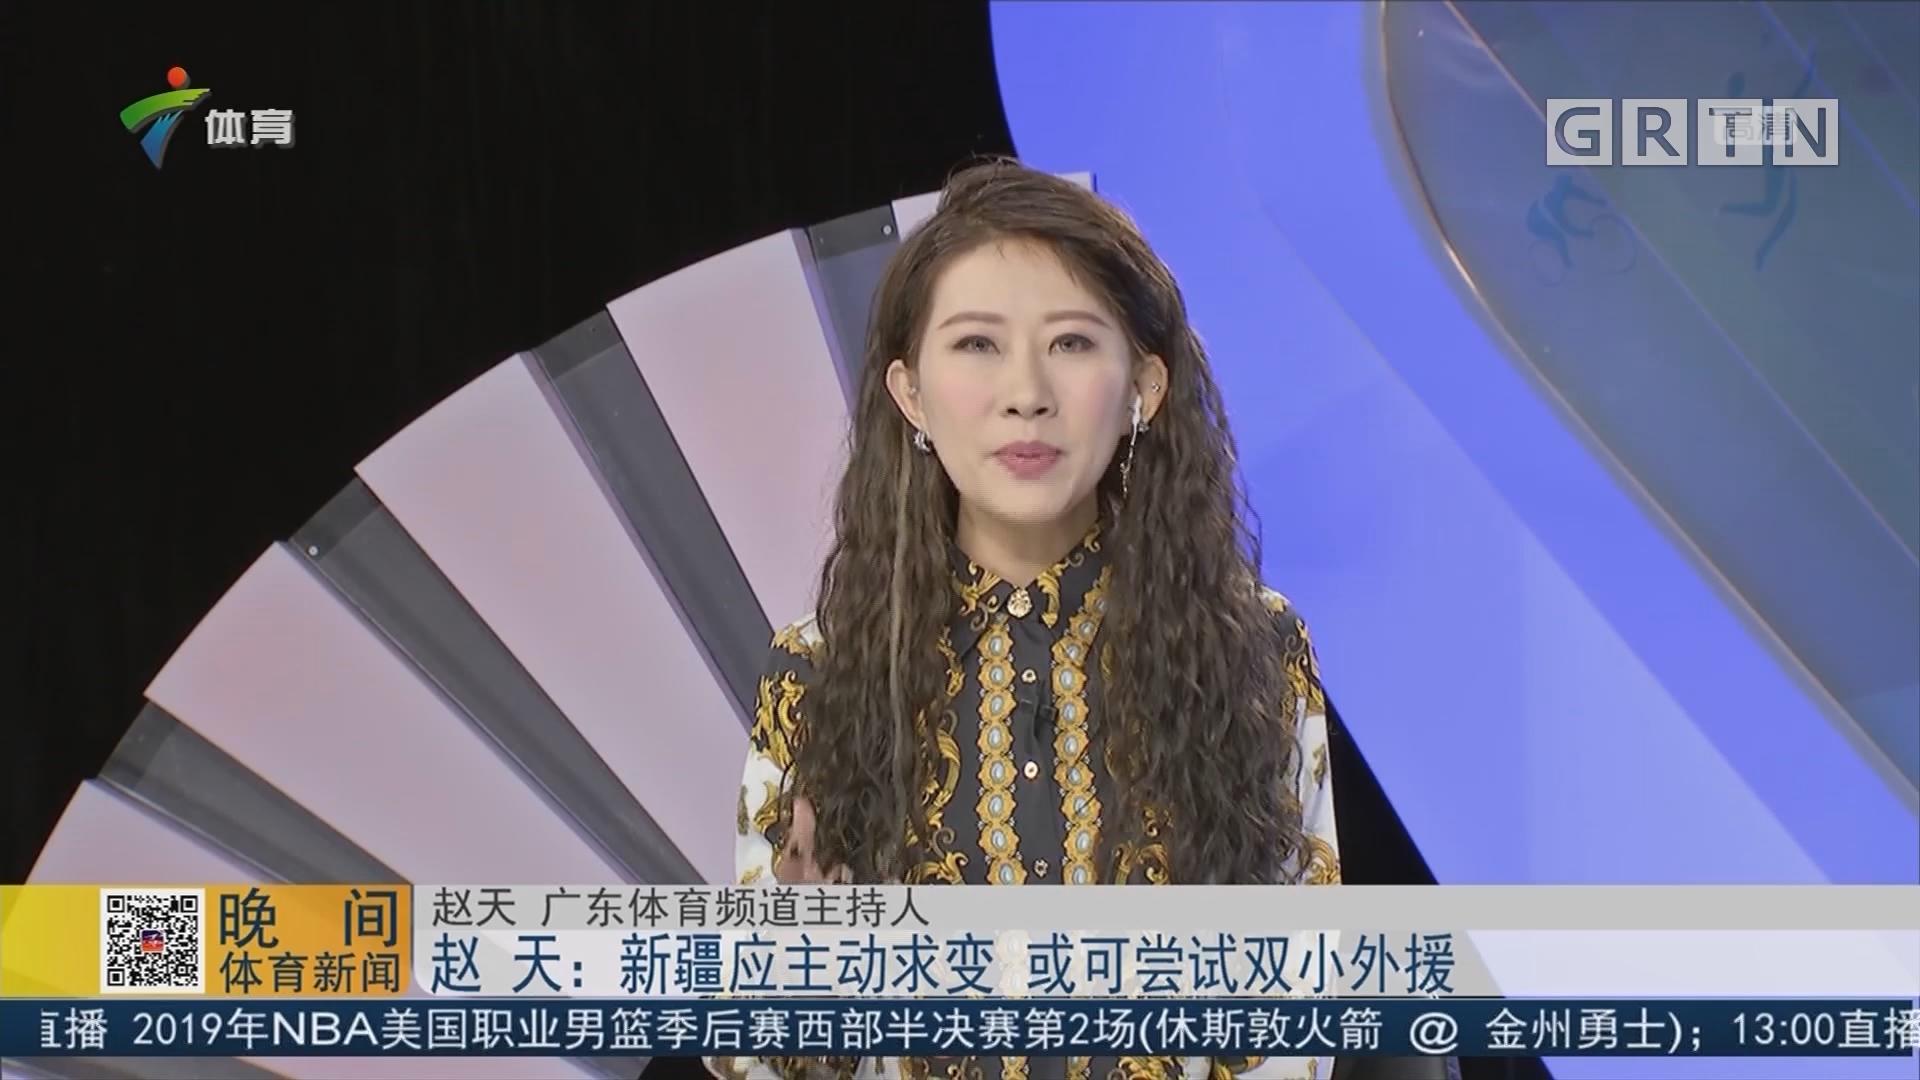 赵天:新疆应主动求变 或可尝试双小外援